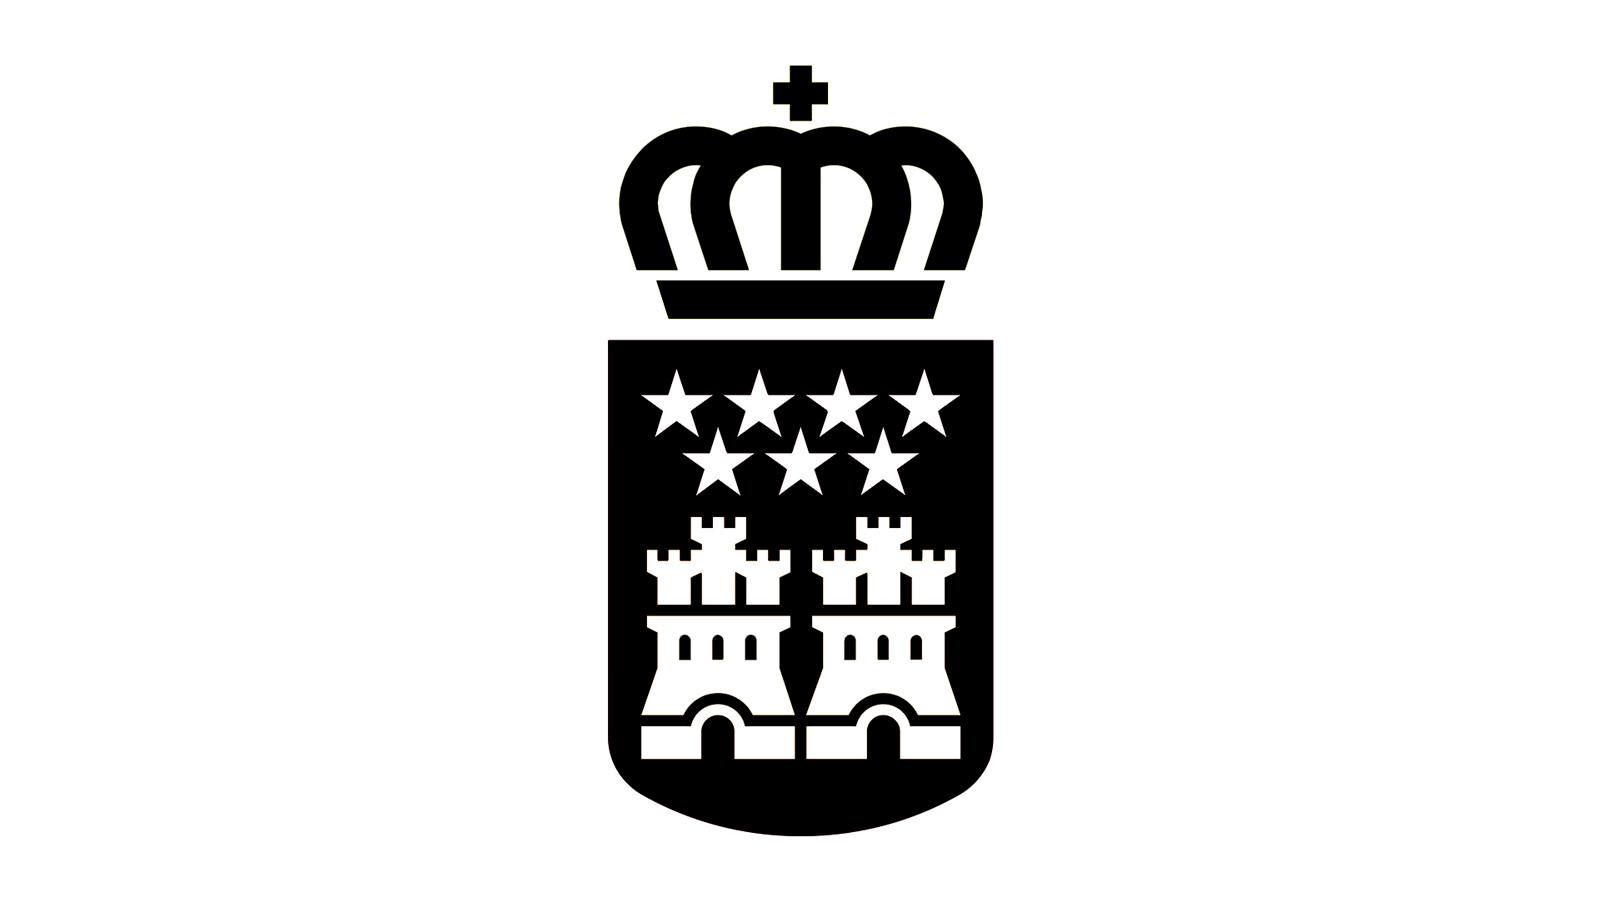 Premio Gràffica 2017: José María Cruz Novillo